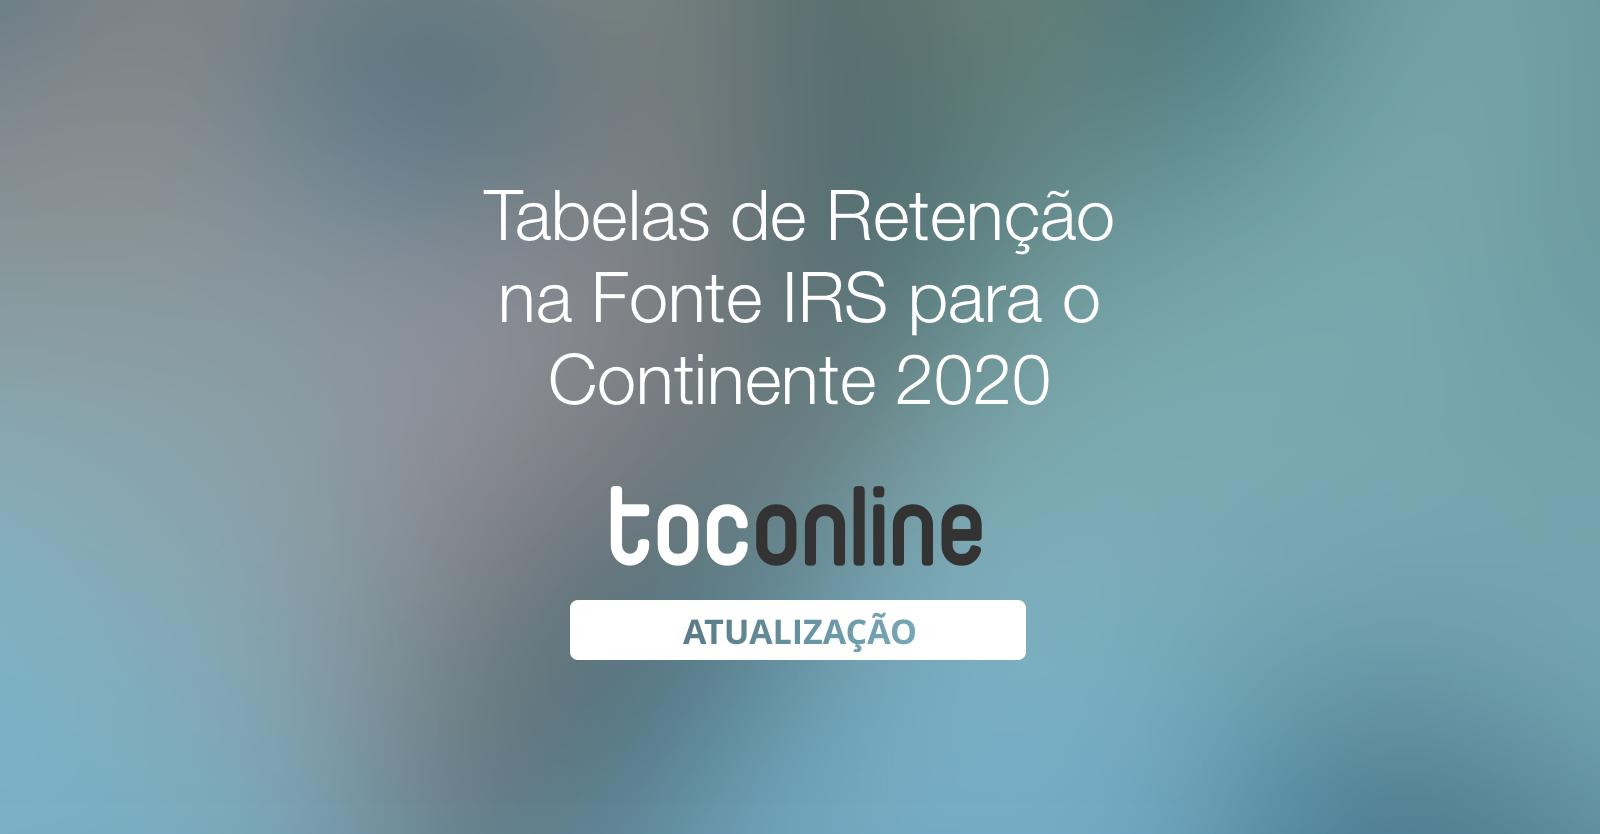 Post tabelas retencao 2020